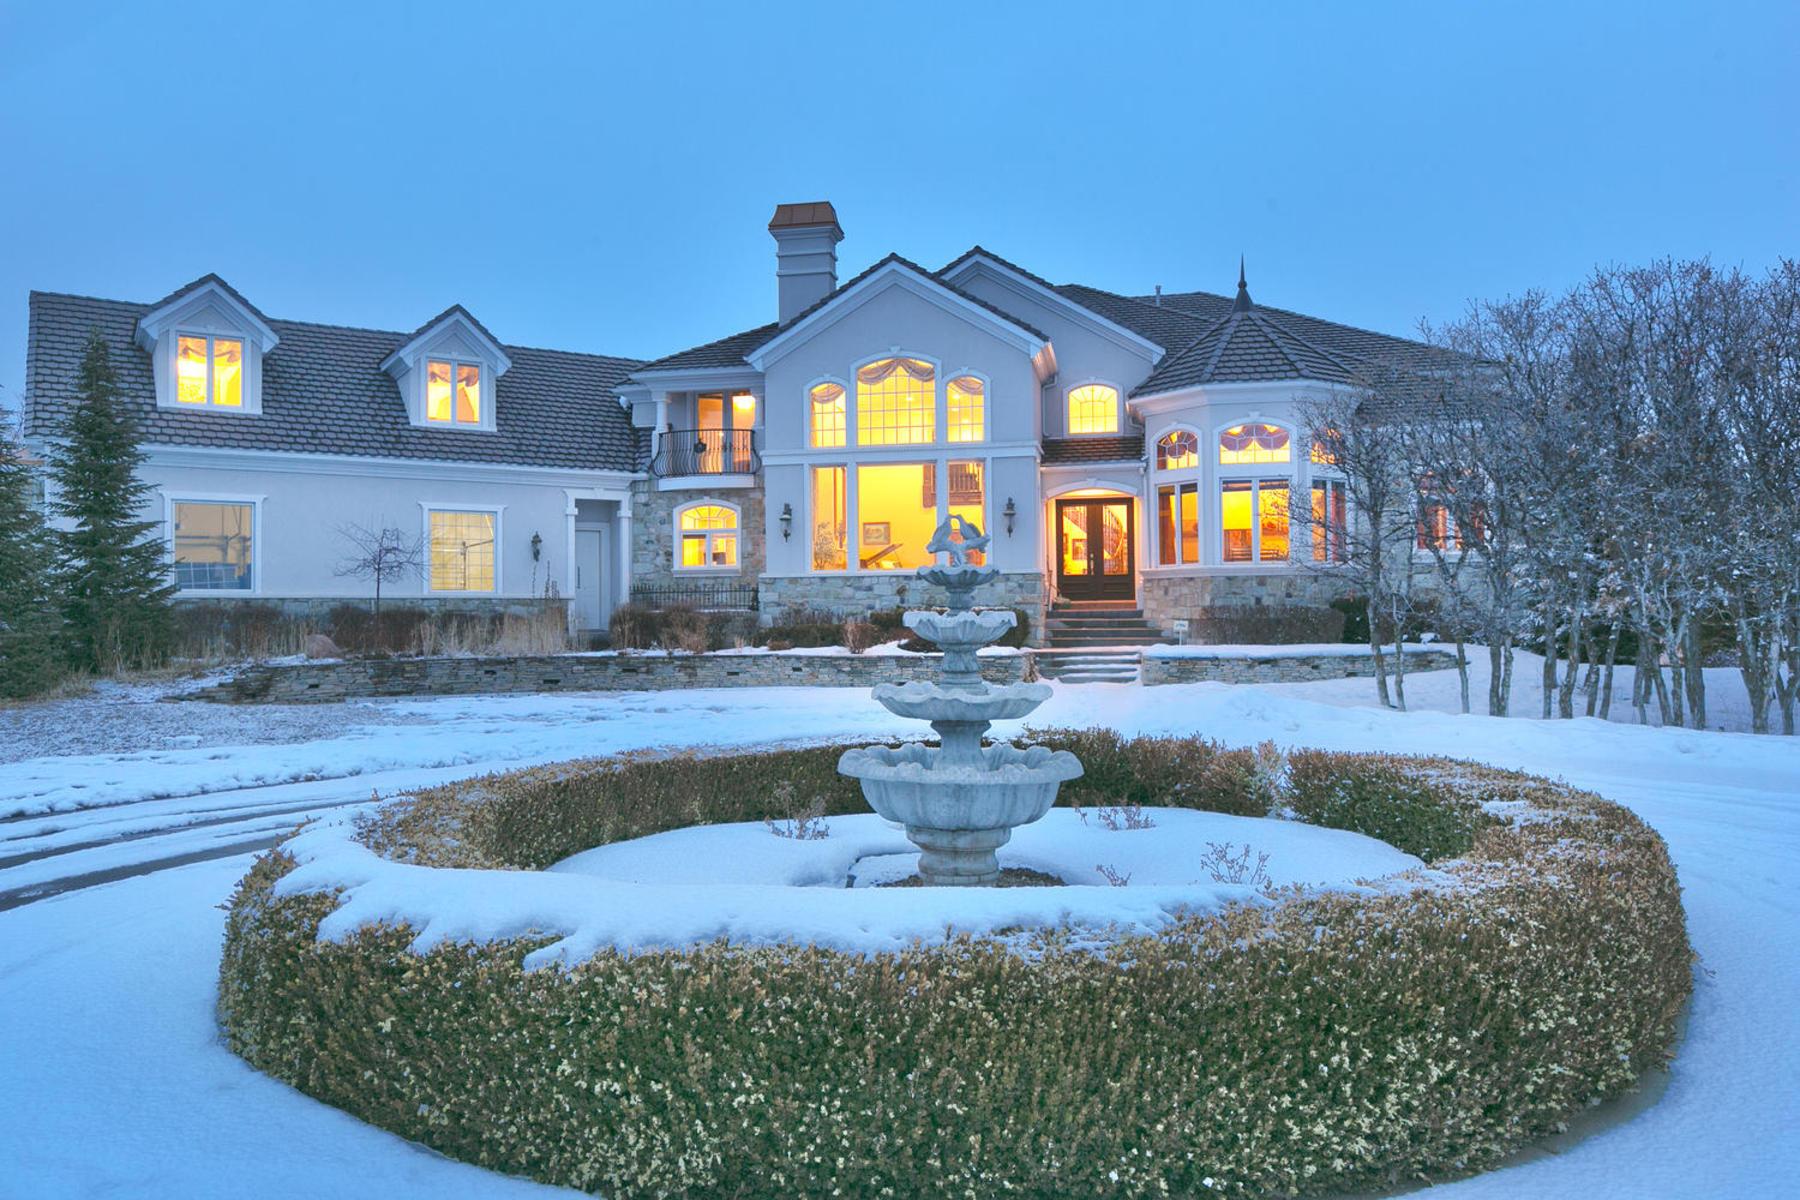 Maison unifamiliale pour l Vente à Delightful 7 acre estate in Exclusive, Secluded East Heber Location! 915 South 4800 East Heber, Utah 84032 États-Unis